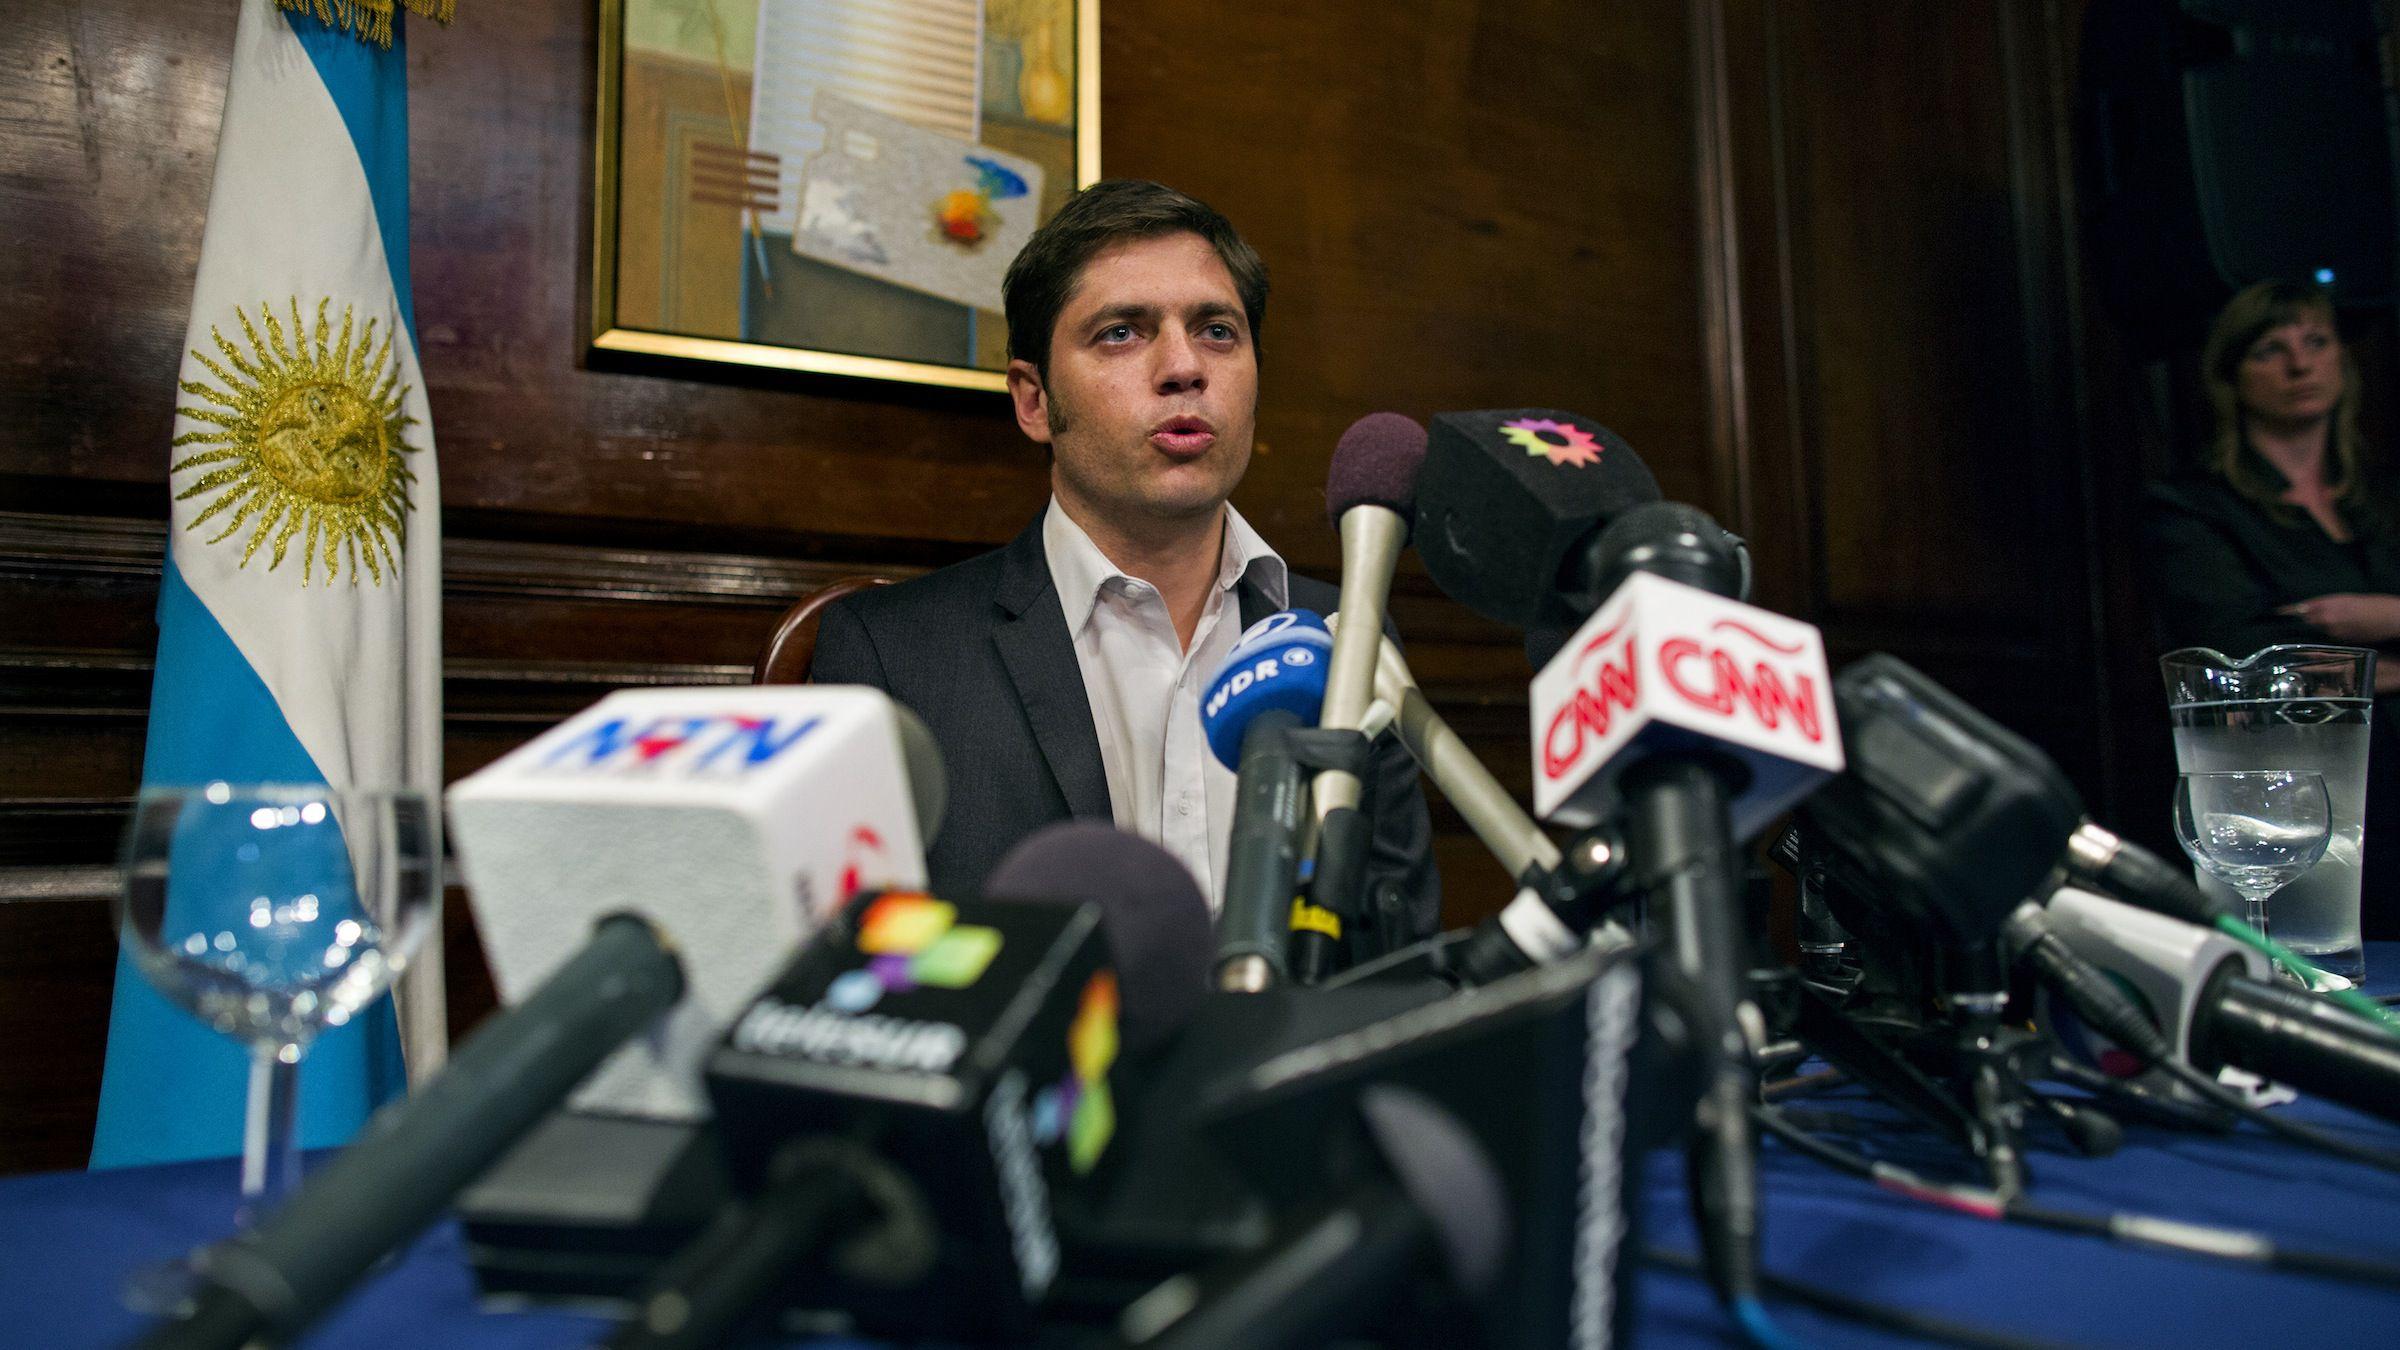 Argentinian economy minister Axel Kicillof